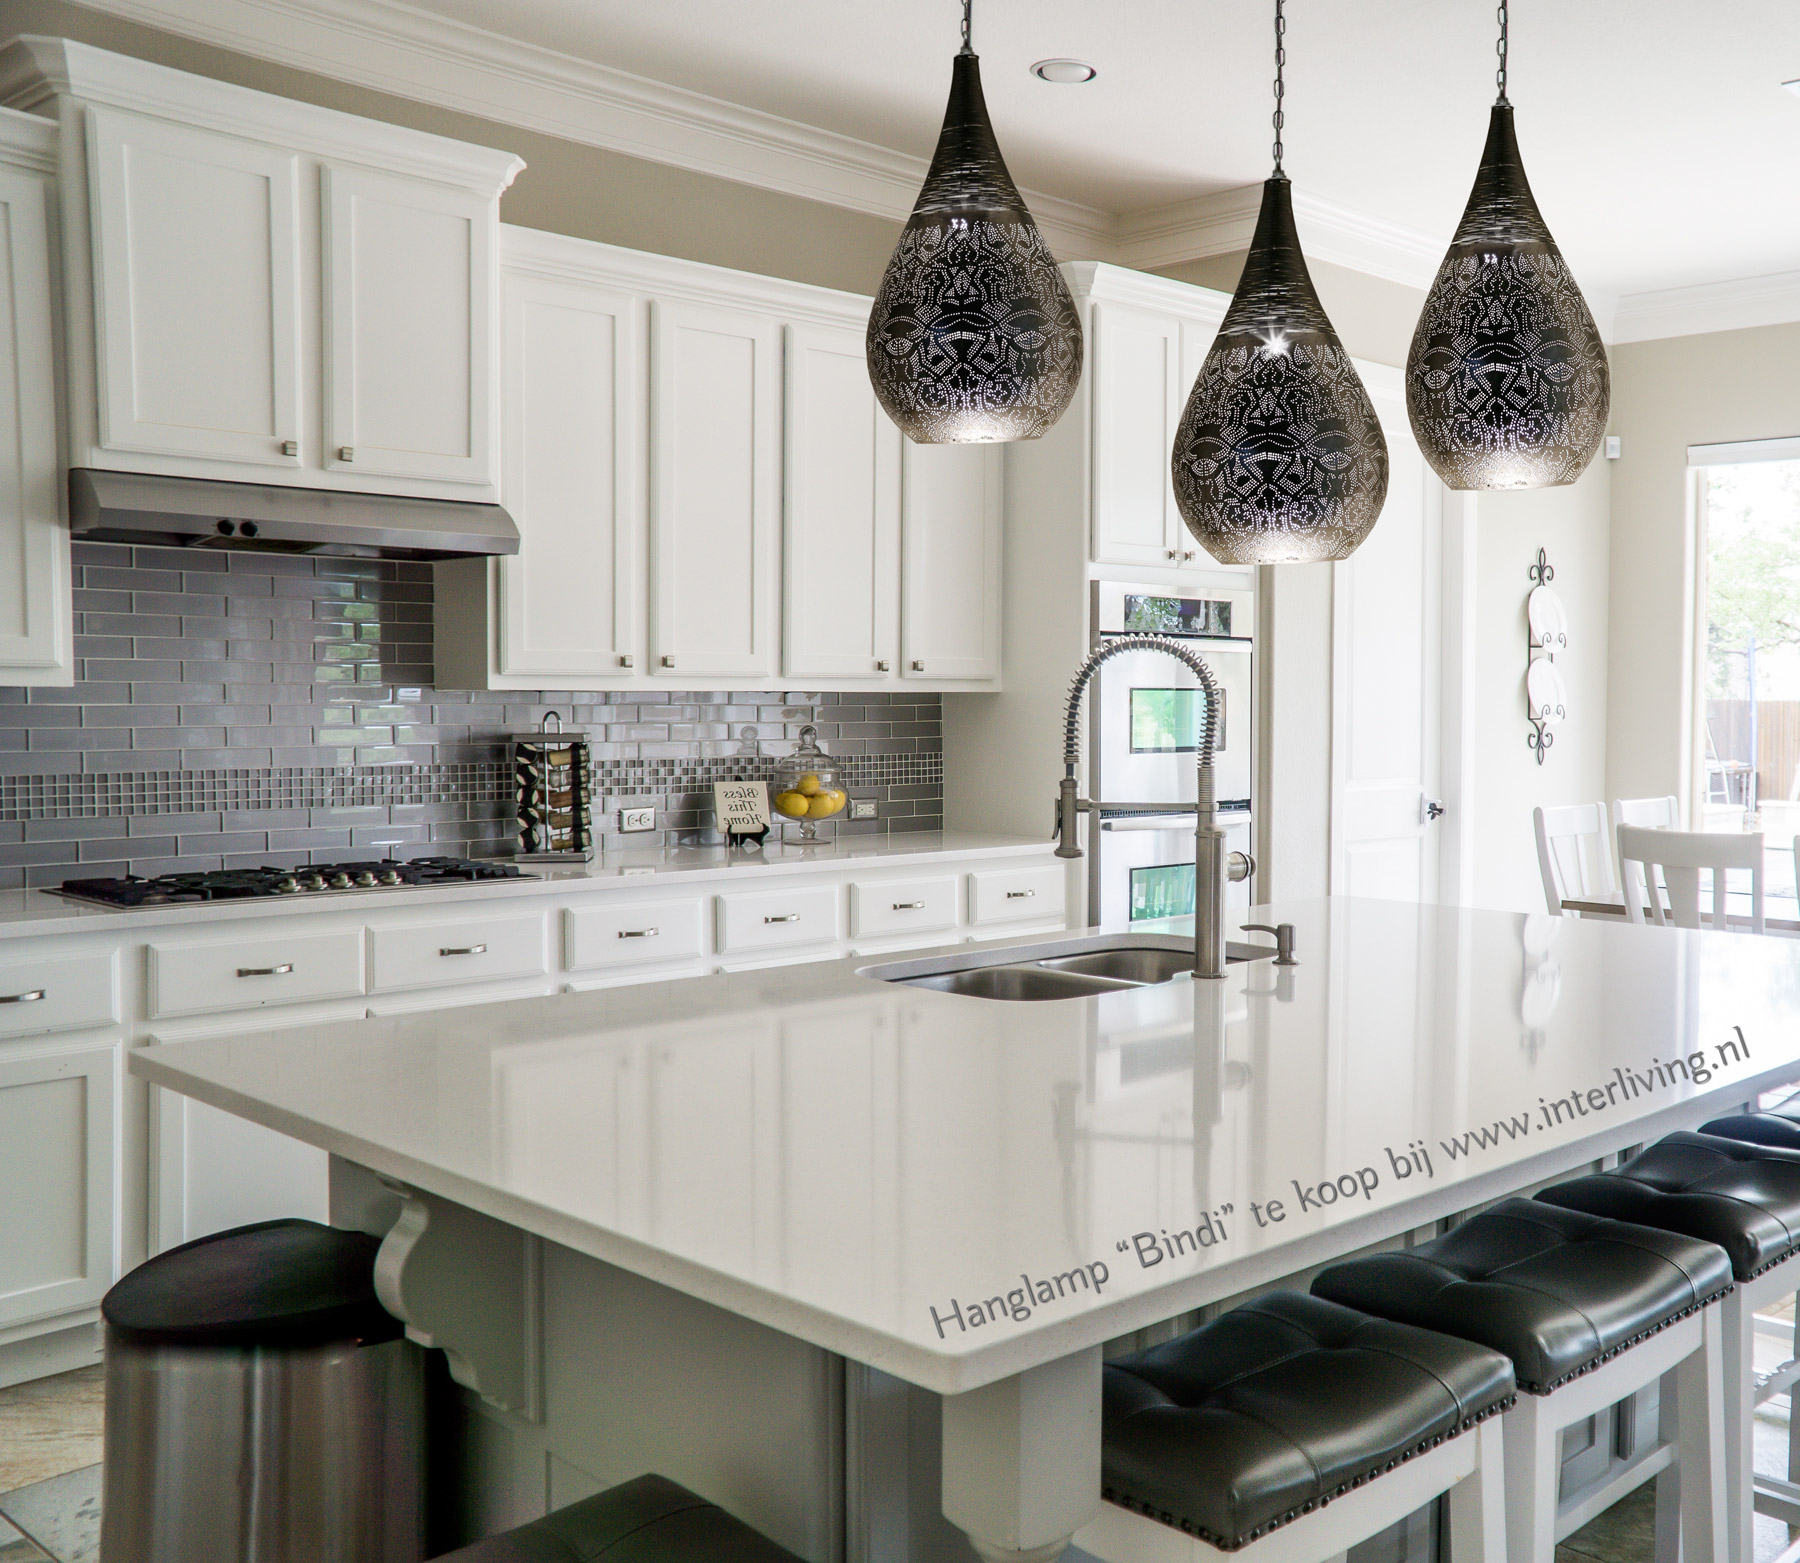 oosterse hanglamp boven je kookeiland - sfeervolle keuken verlichting